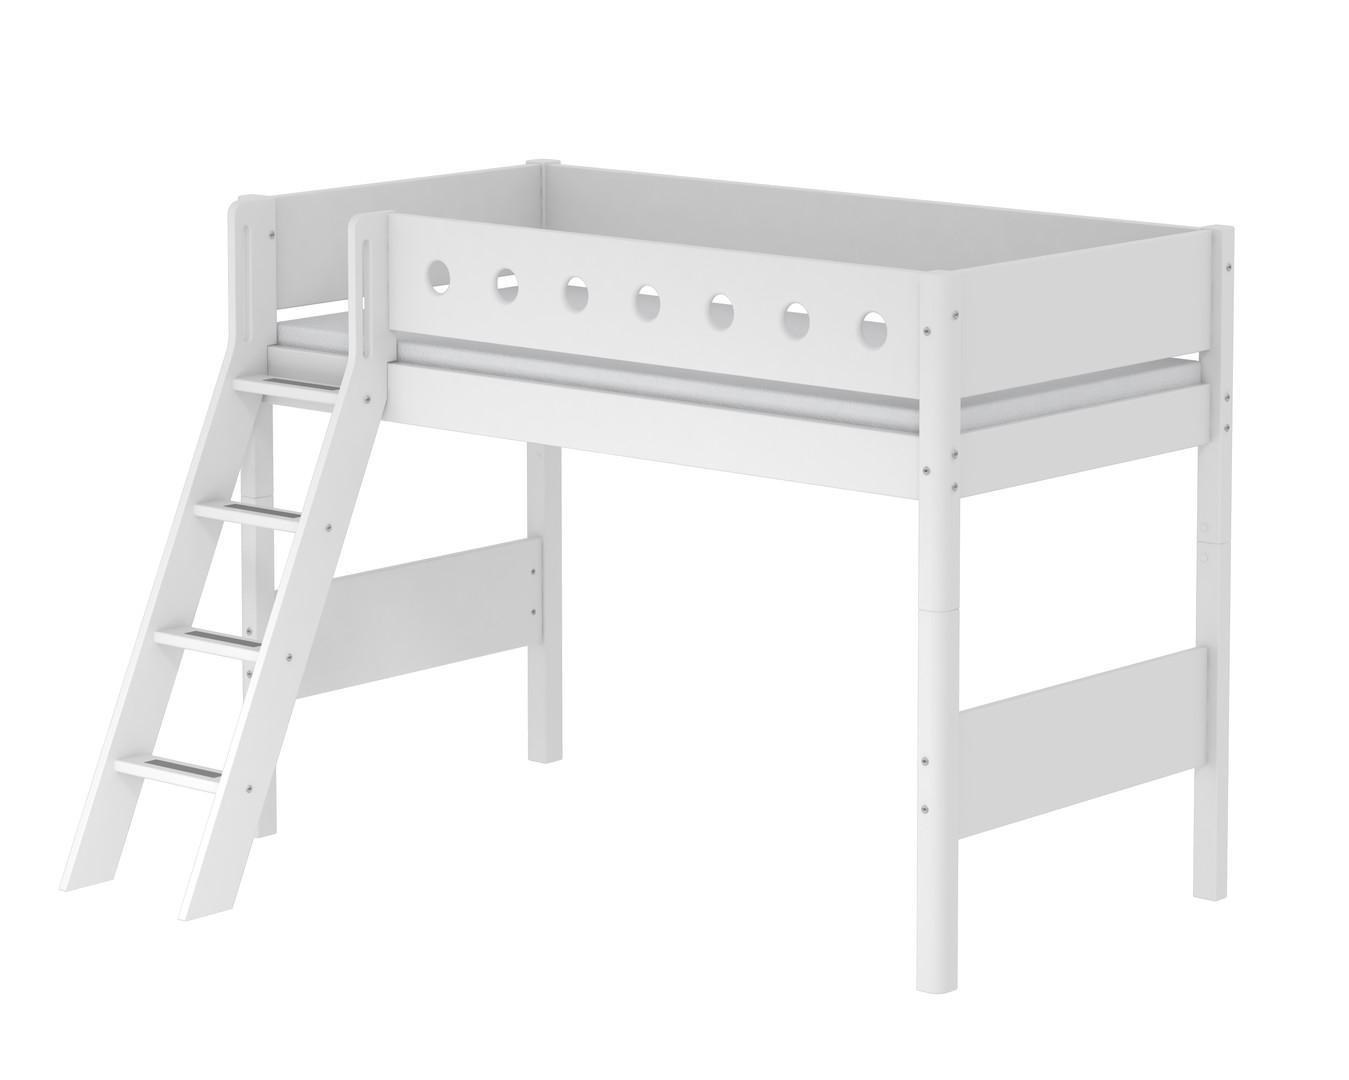 Etagenbett Flexa Absturzsicherung : Hochbett mittelhoch weiß 90x200cm mit schräger leiter von flexa